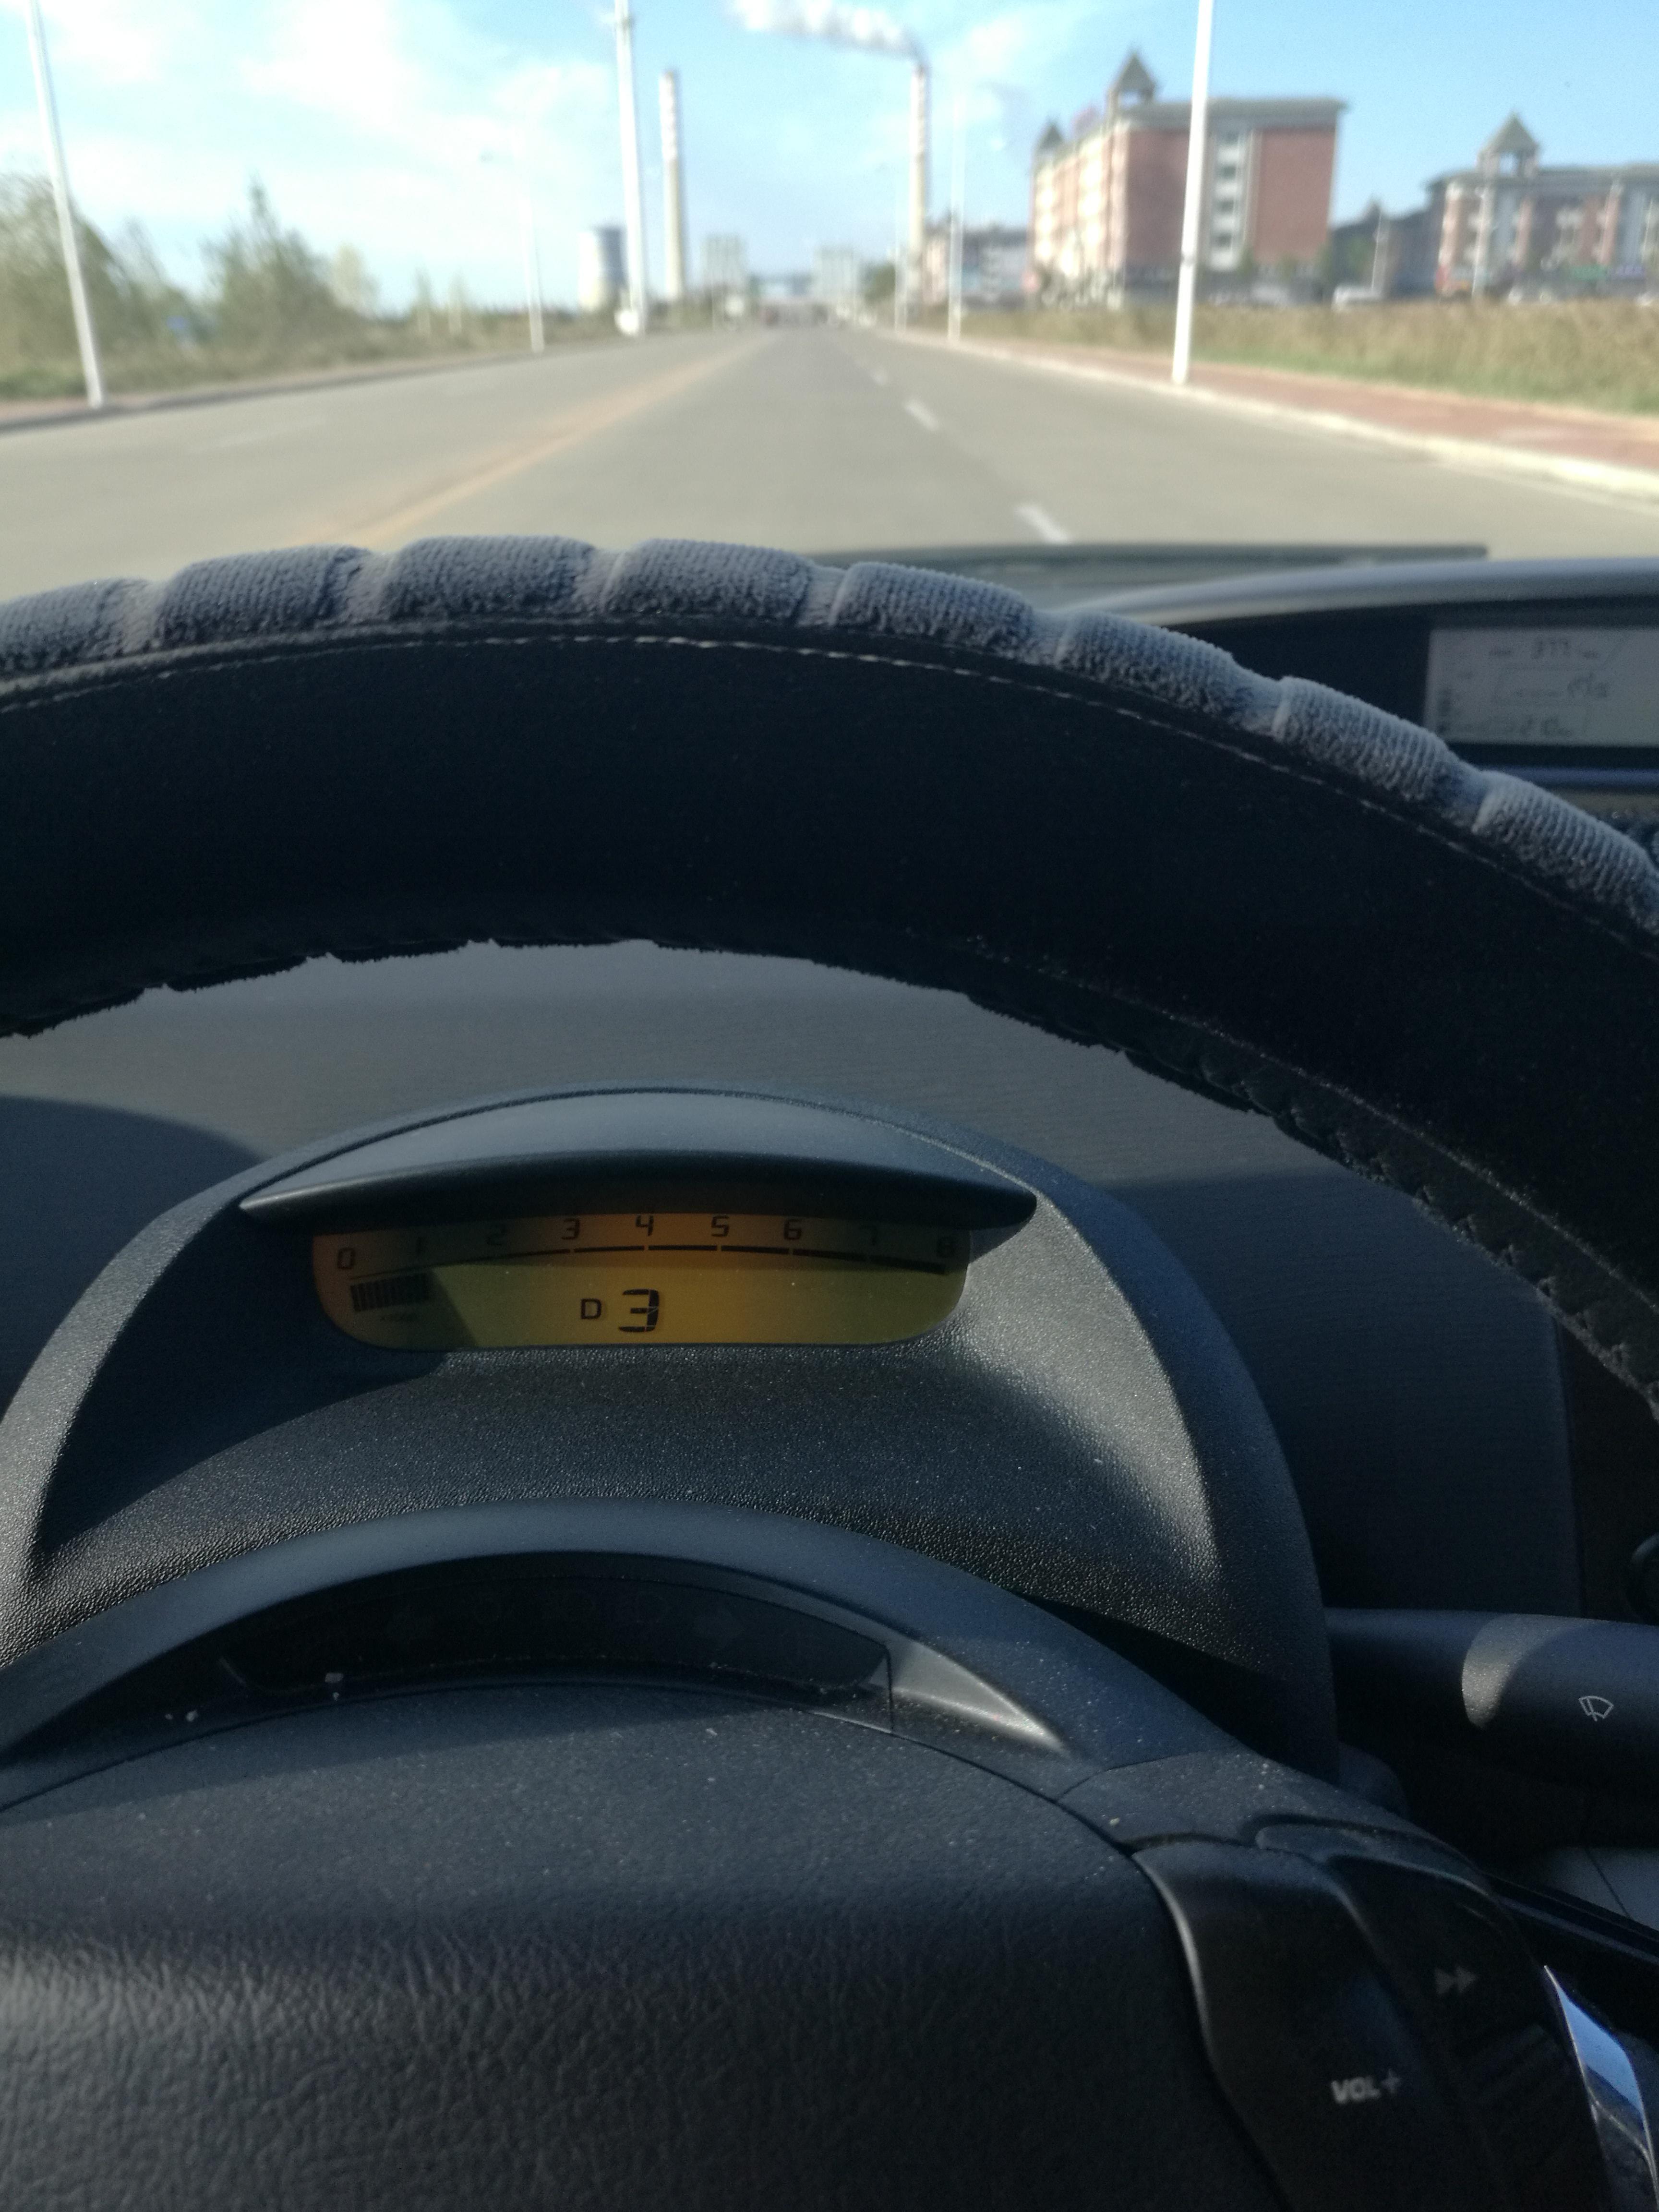 东风雪铁龙凯旋车辆变速箱存在设计缺陷,造成车辆行驶中出现锁死三档的问题